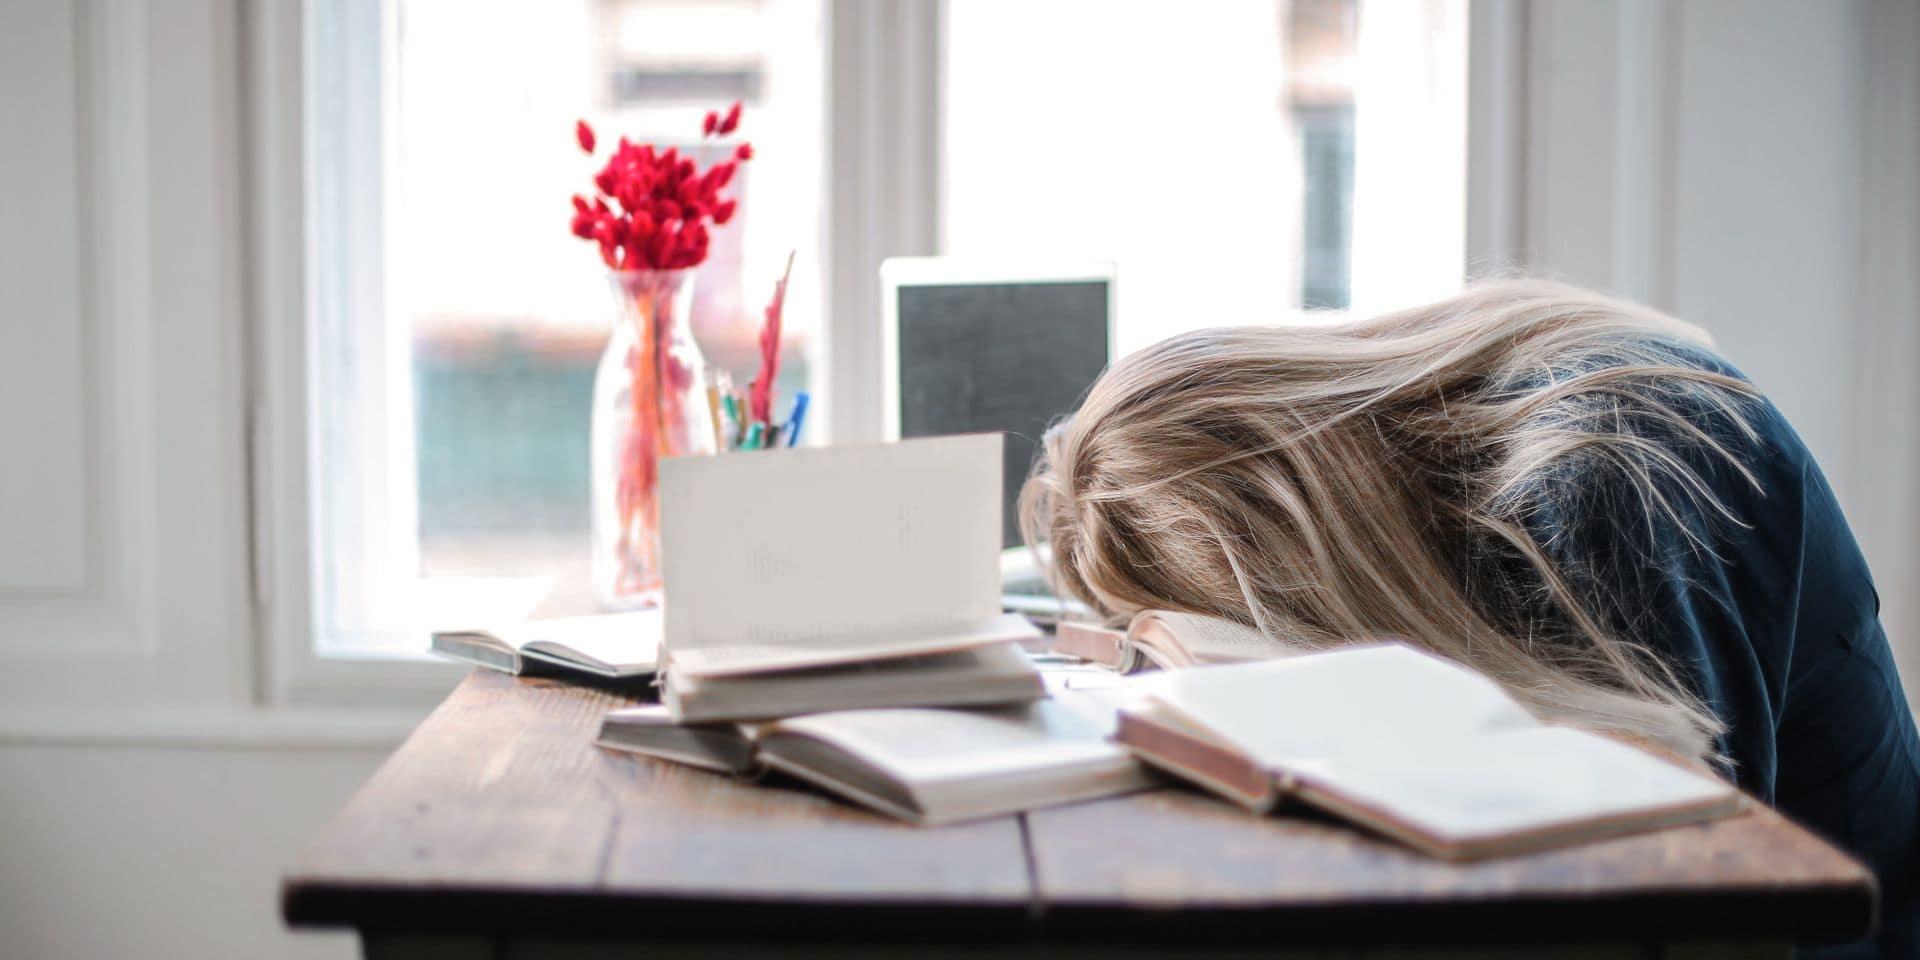 Près de la moitié des employeurs pensent que le télétravail pèse sur la productivité